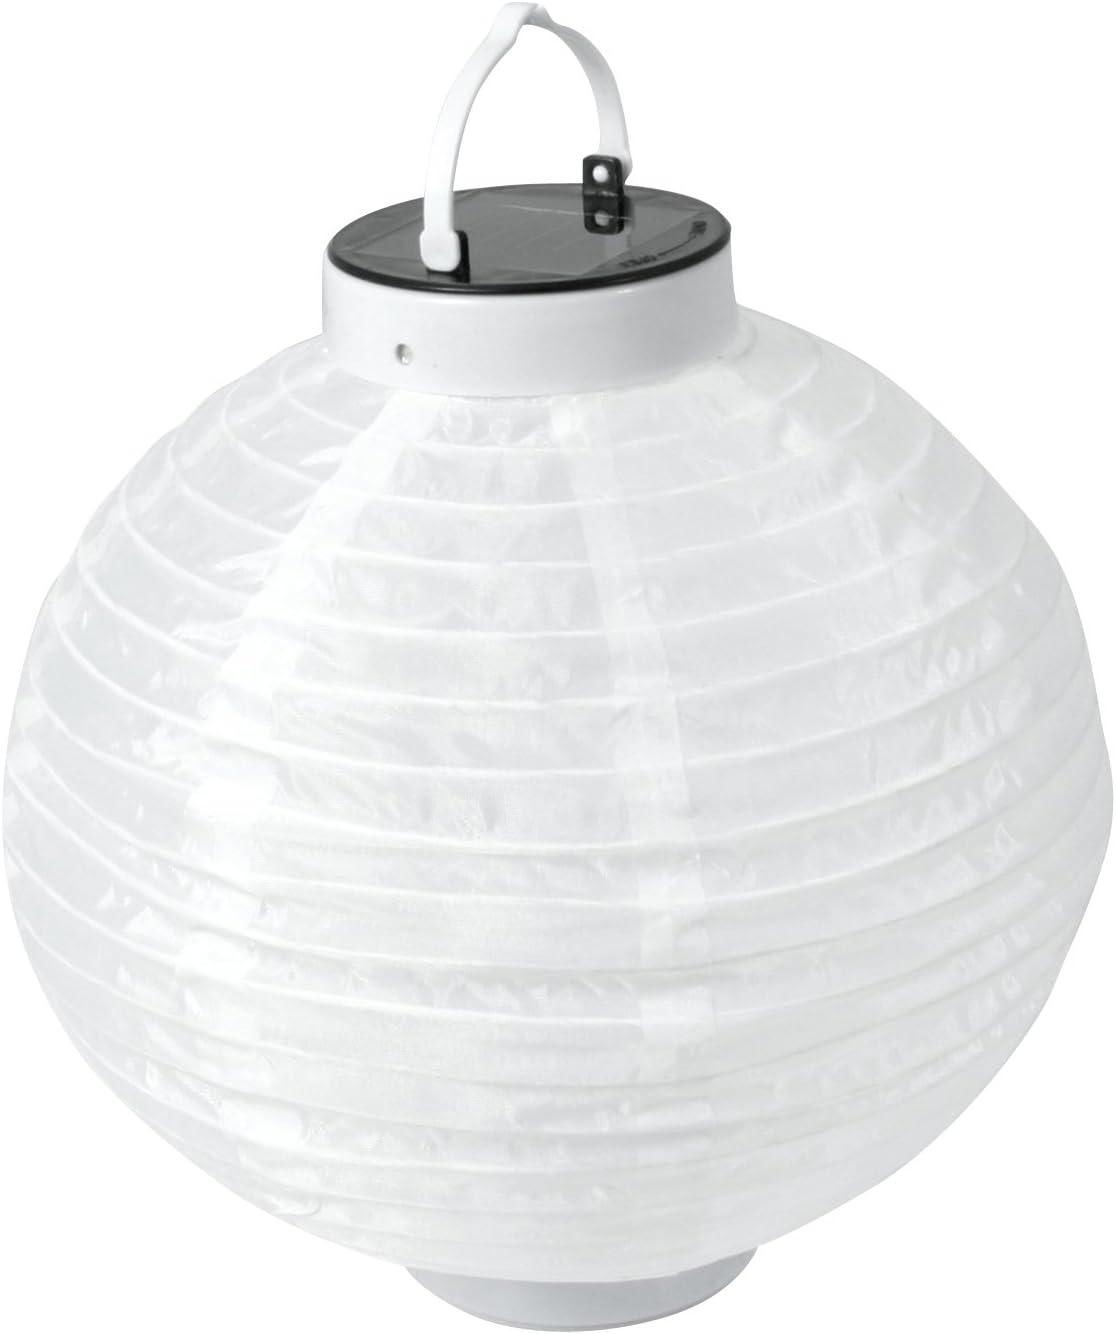 Solarline 401956 - Farol solar (24,5 cm), color blanco: Amazon.es ...